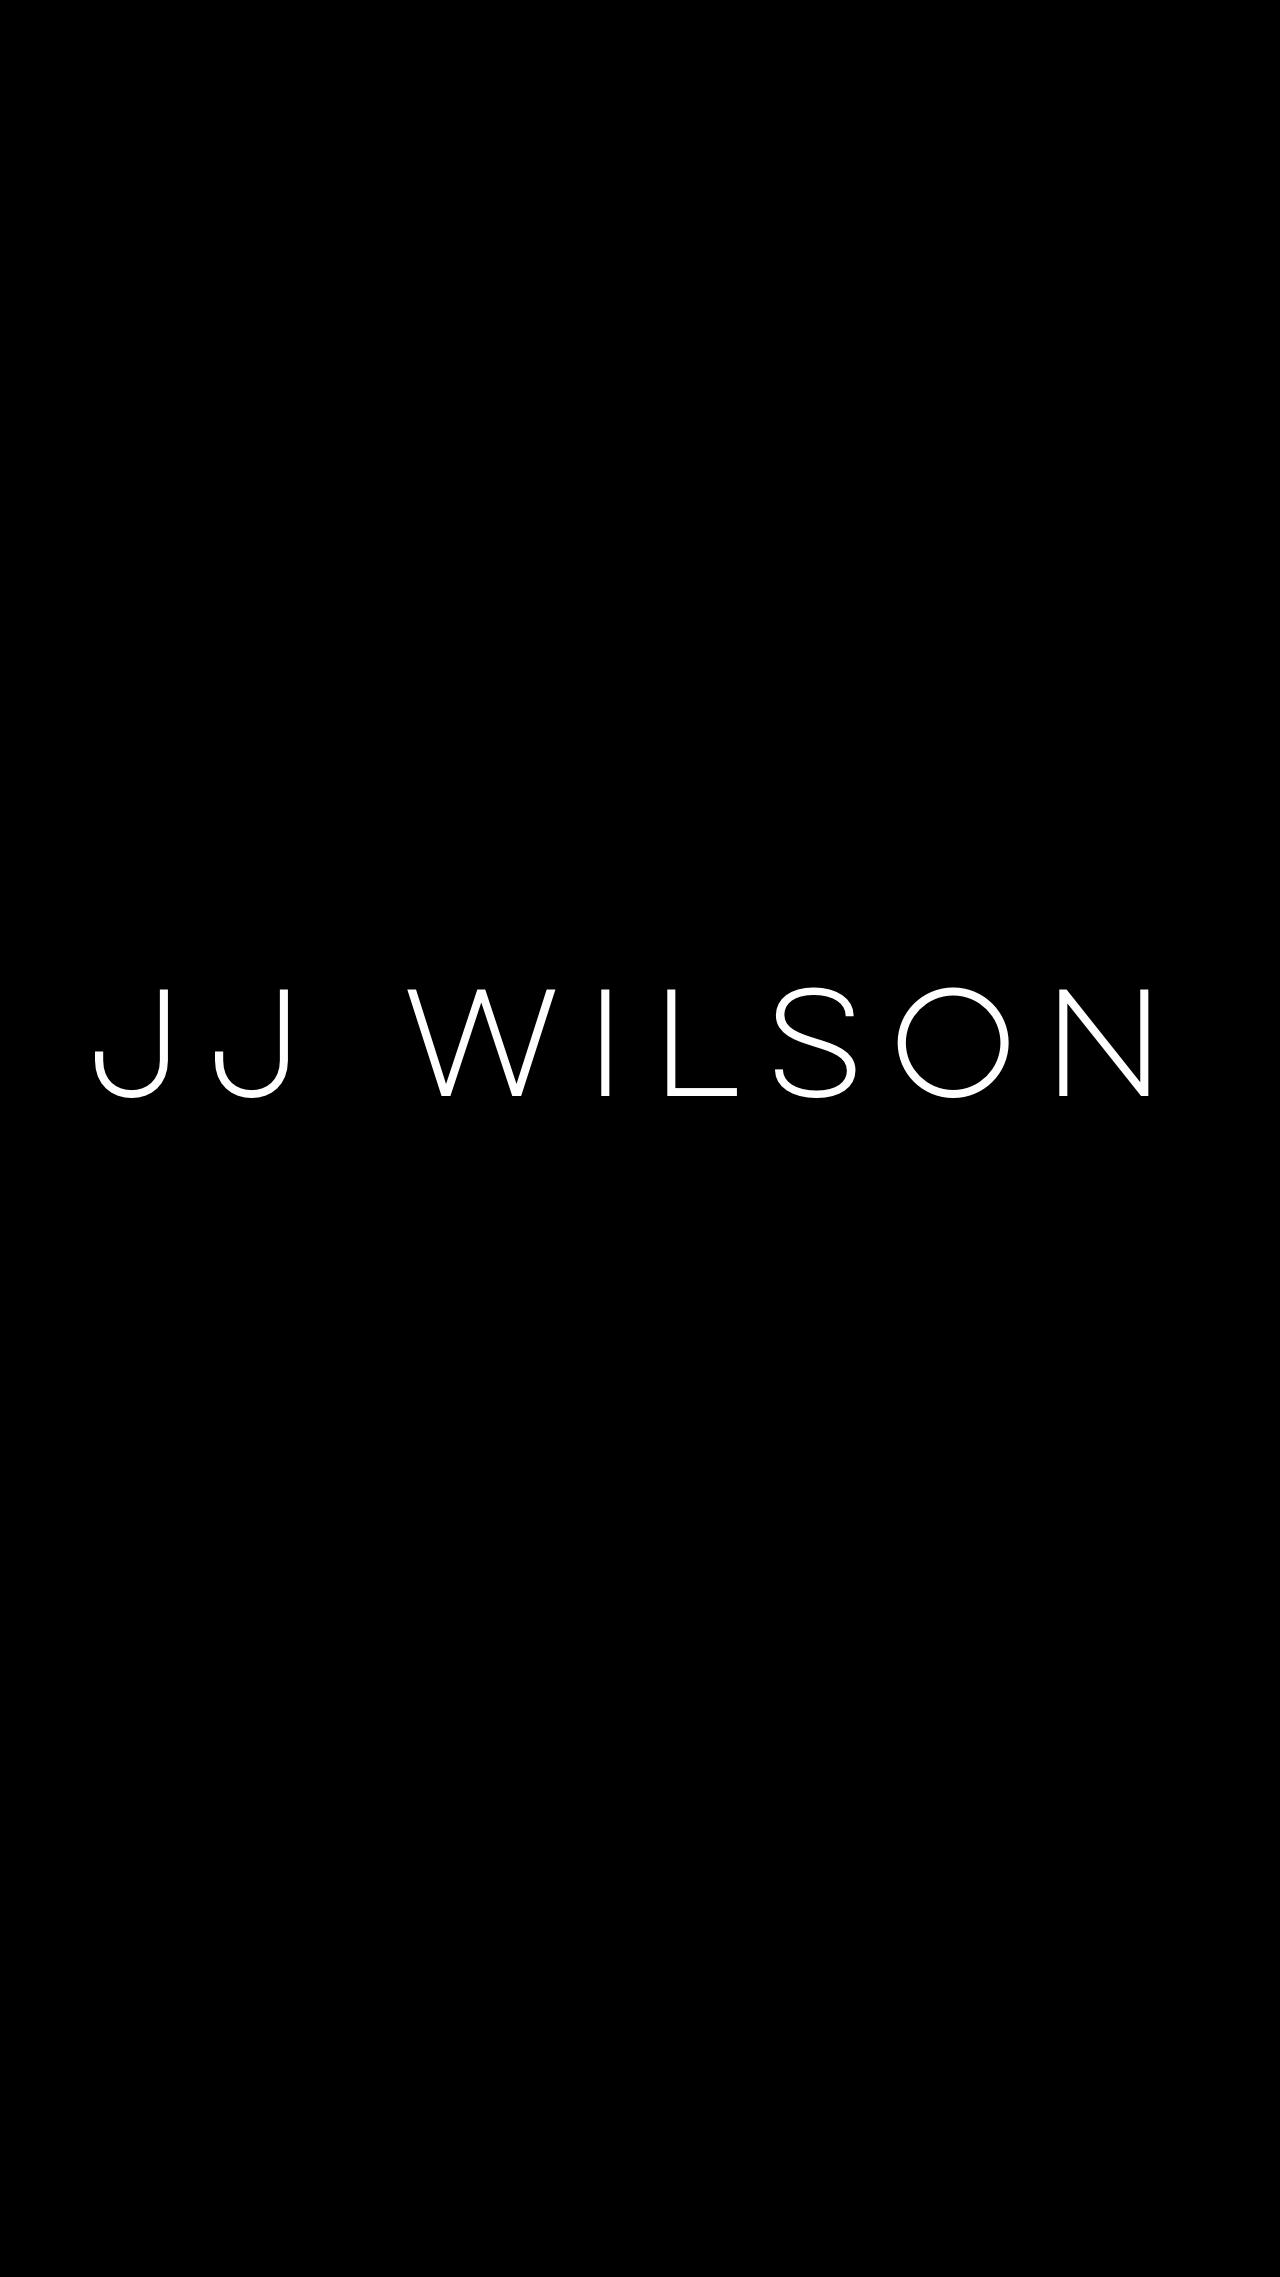 JJ WILSON.jpg